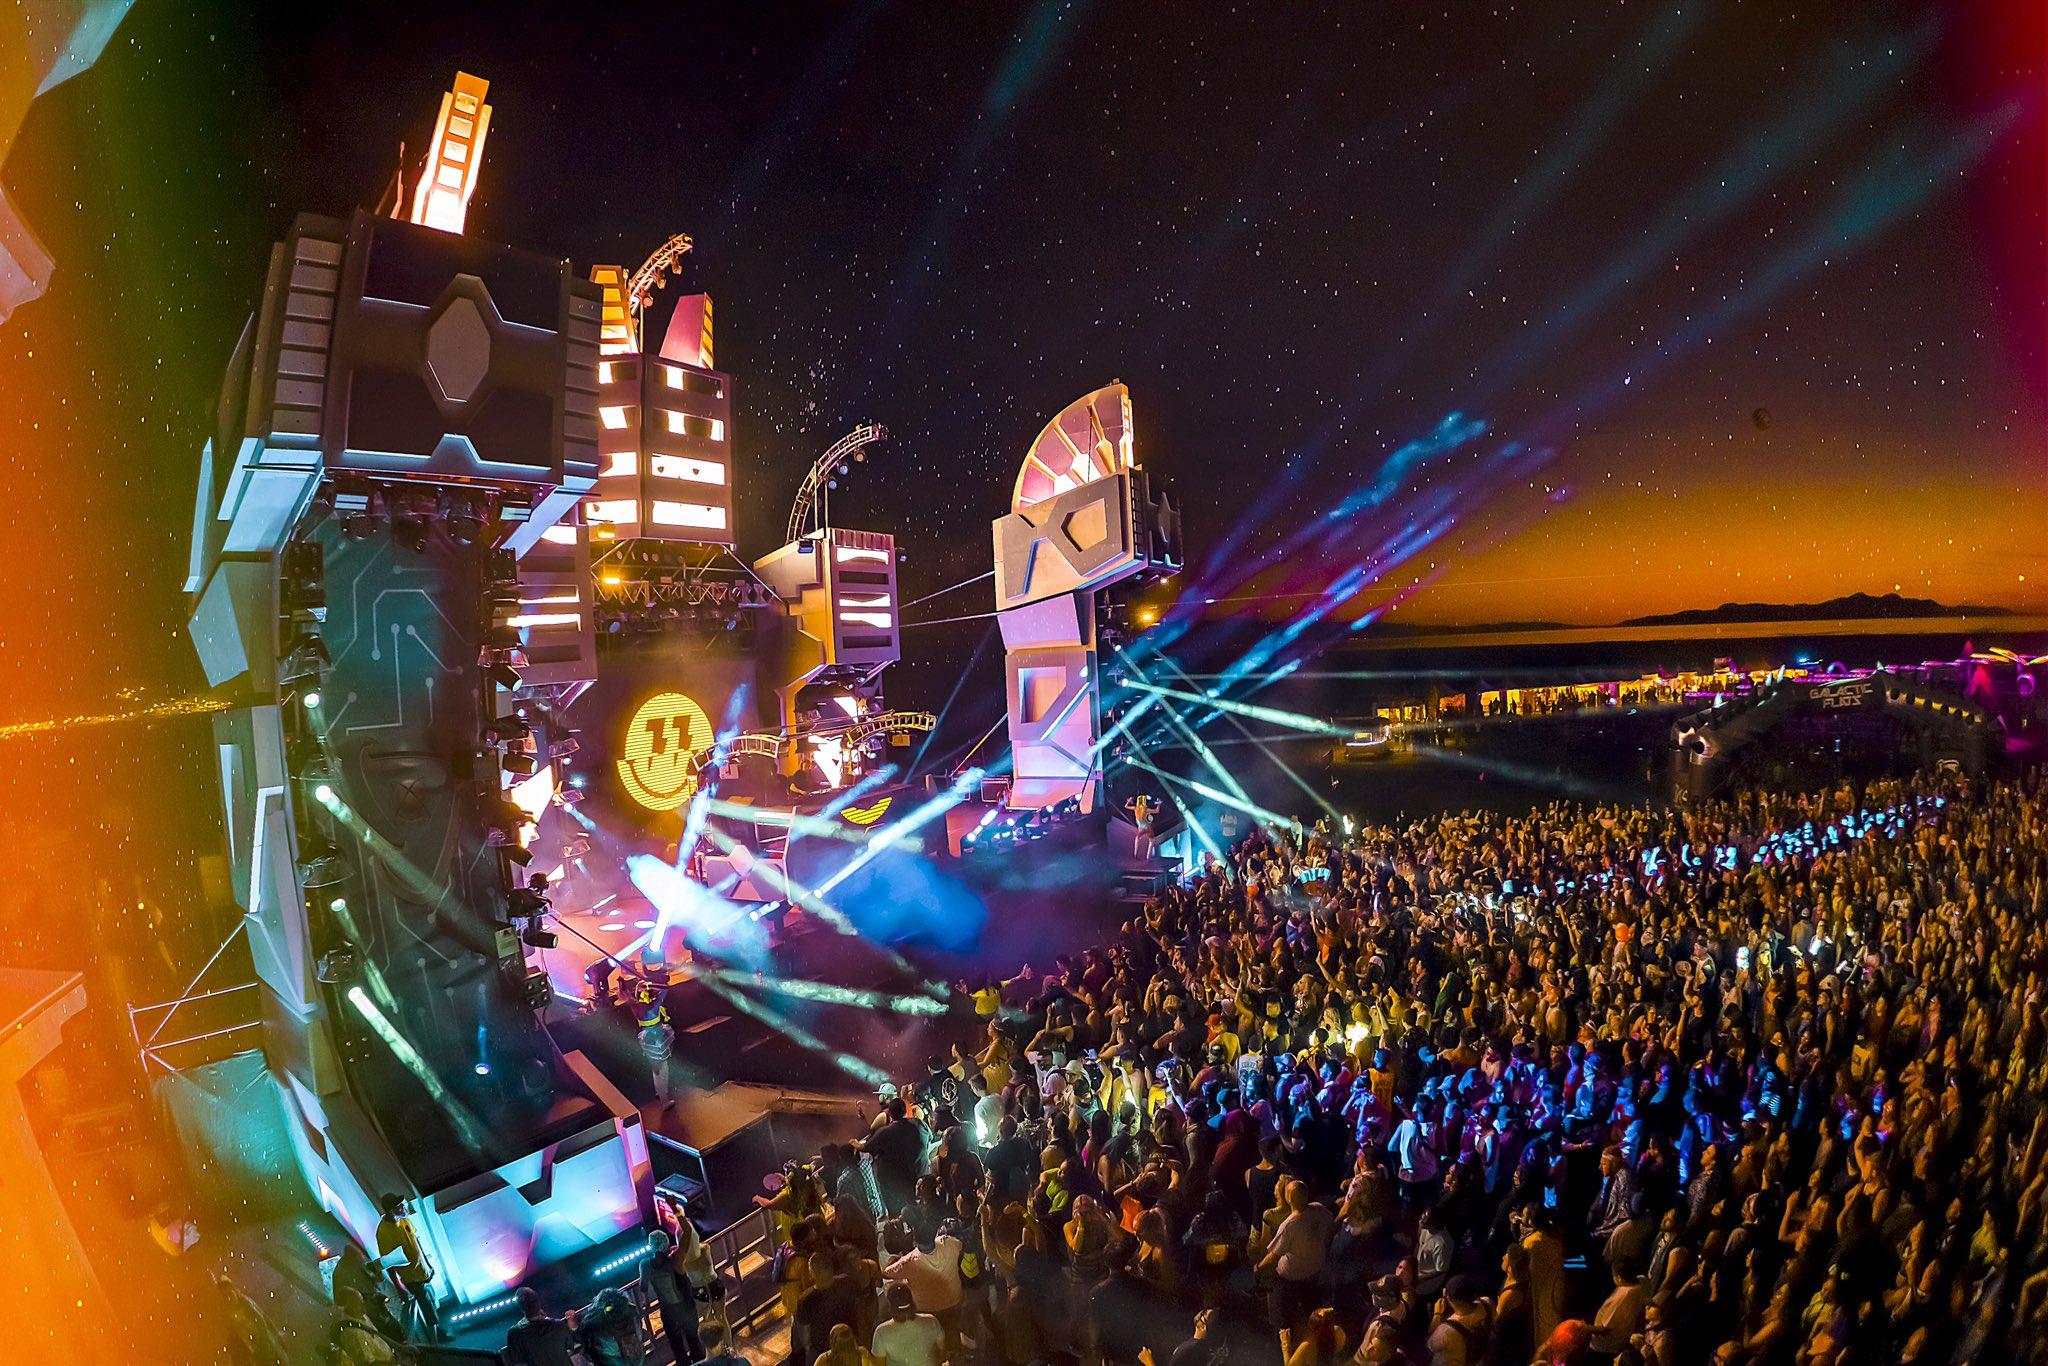 Das Energi Festival 2020 dates